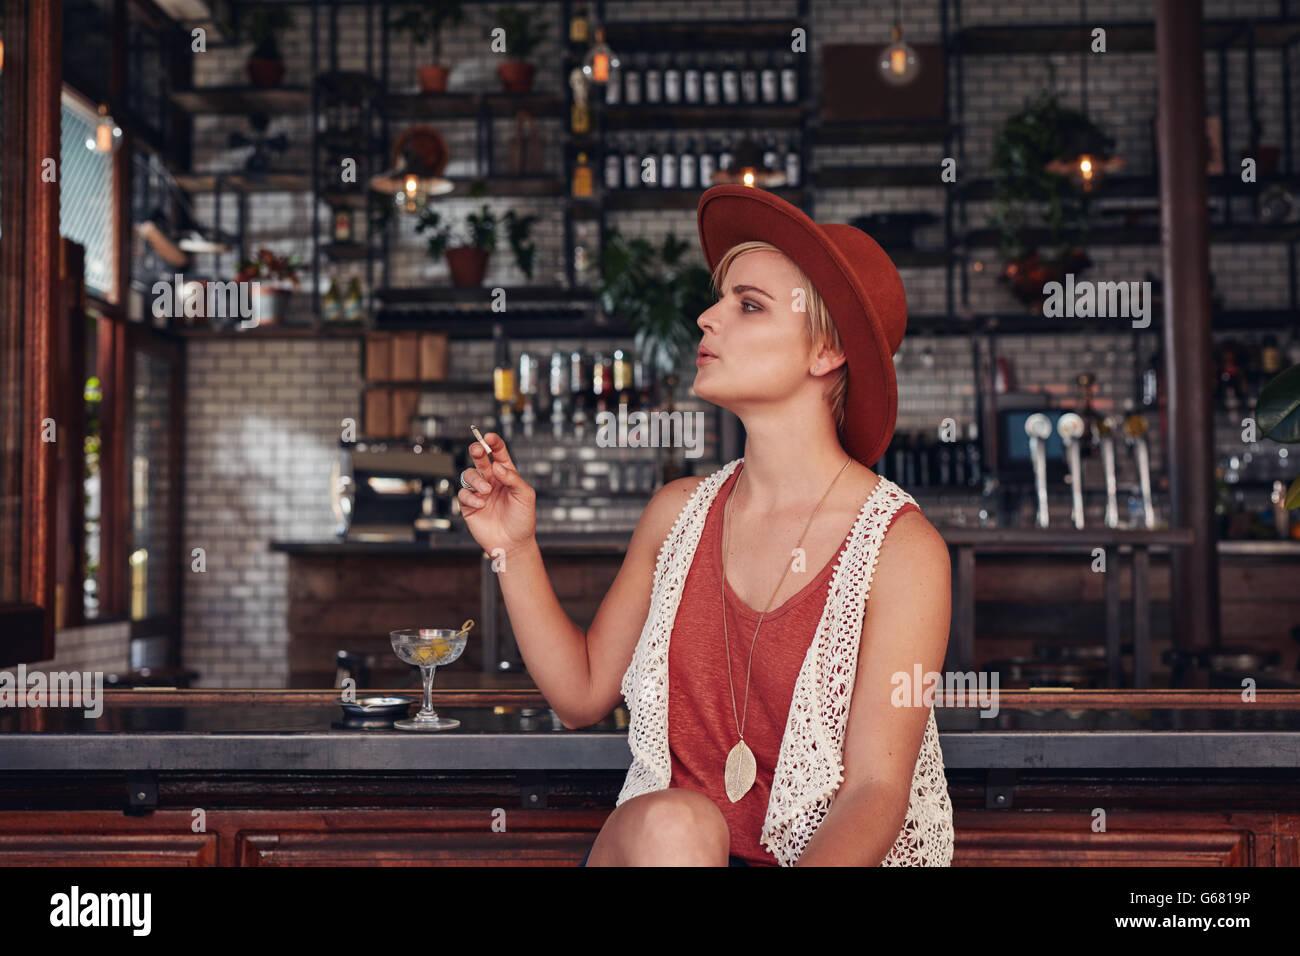 Retrato de mujer joven atractivo fumar en un bar. La celebración de cigarrillo y mirando a otro lado. Imagen De Stock